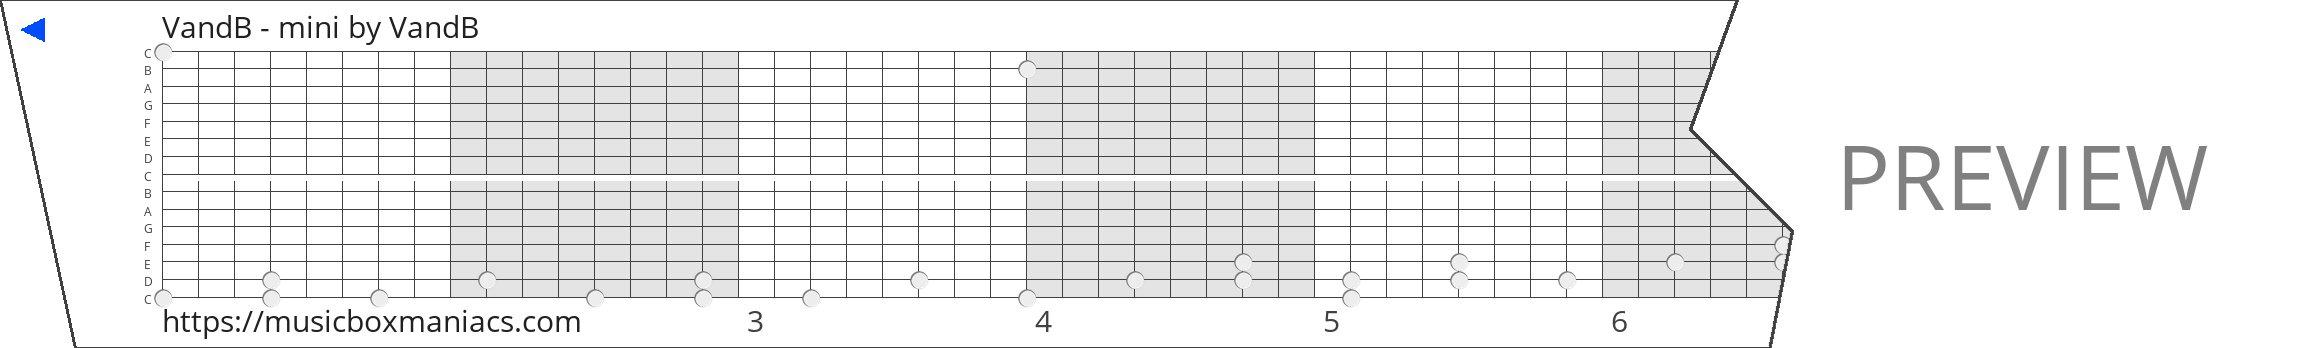 VandB - mini 15 note music box paper strip